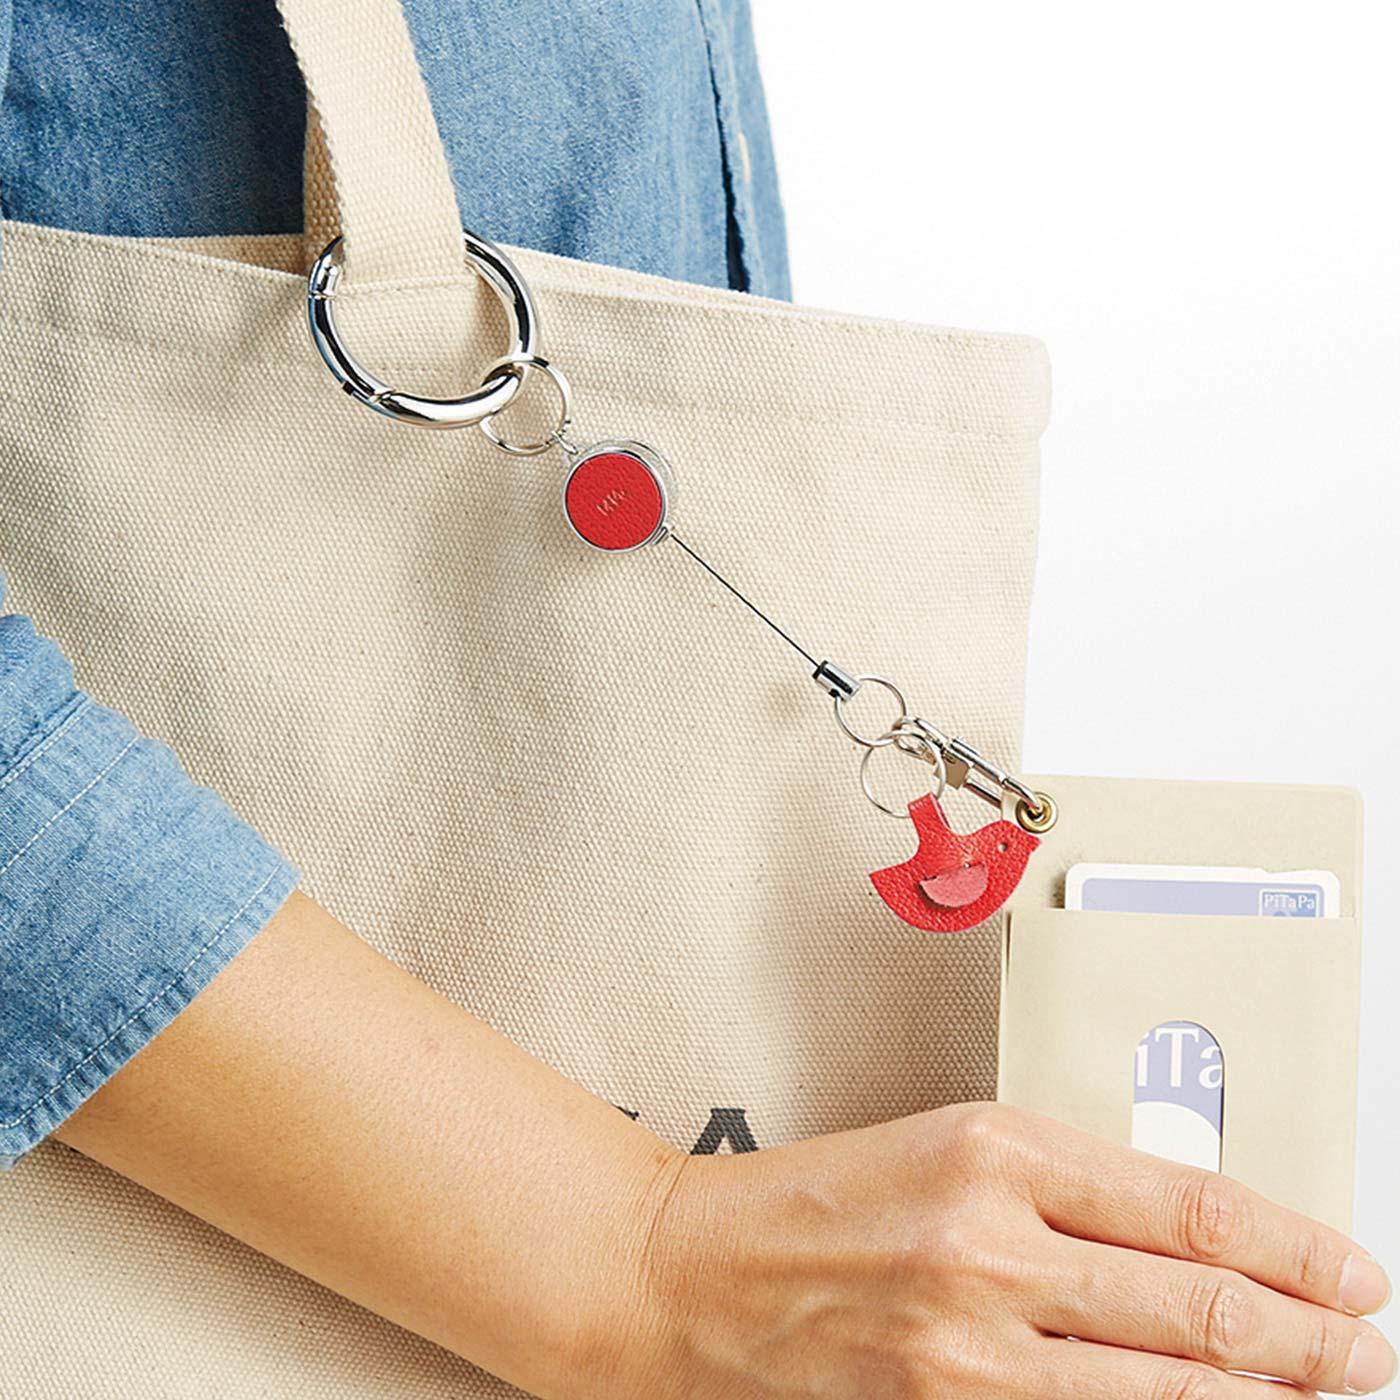 なすカンに、ICカードやかぎを付けてバッグにつなげれば、改札や玄関でもスムーズ。※必ずバッグの内側に収めてください。